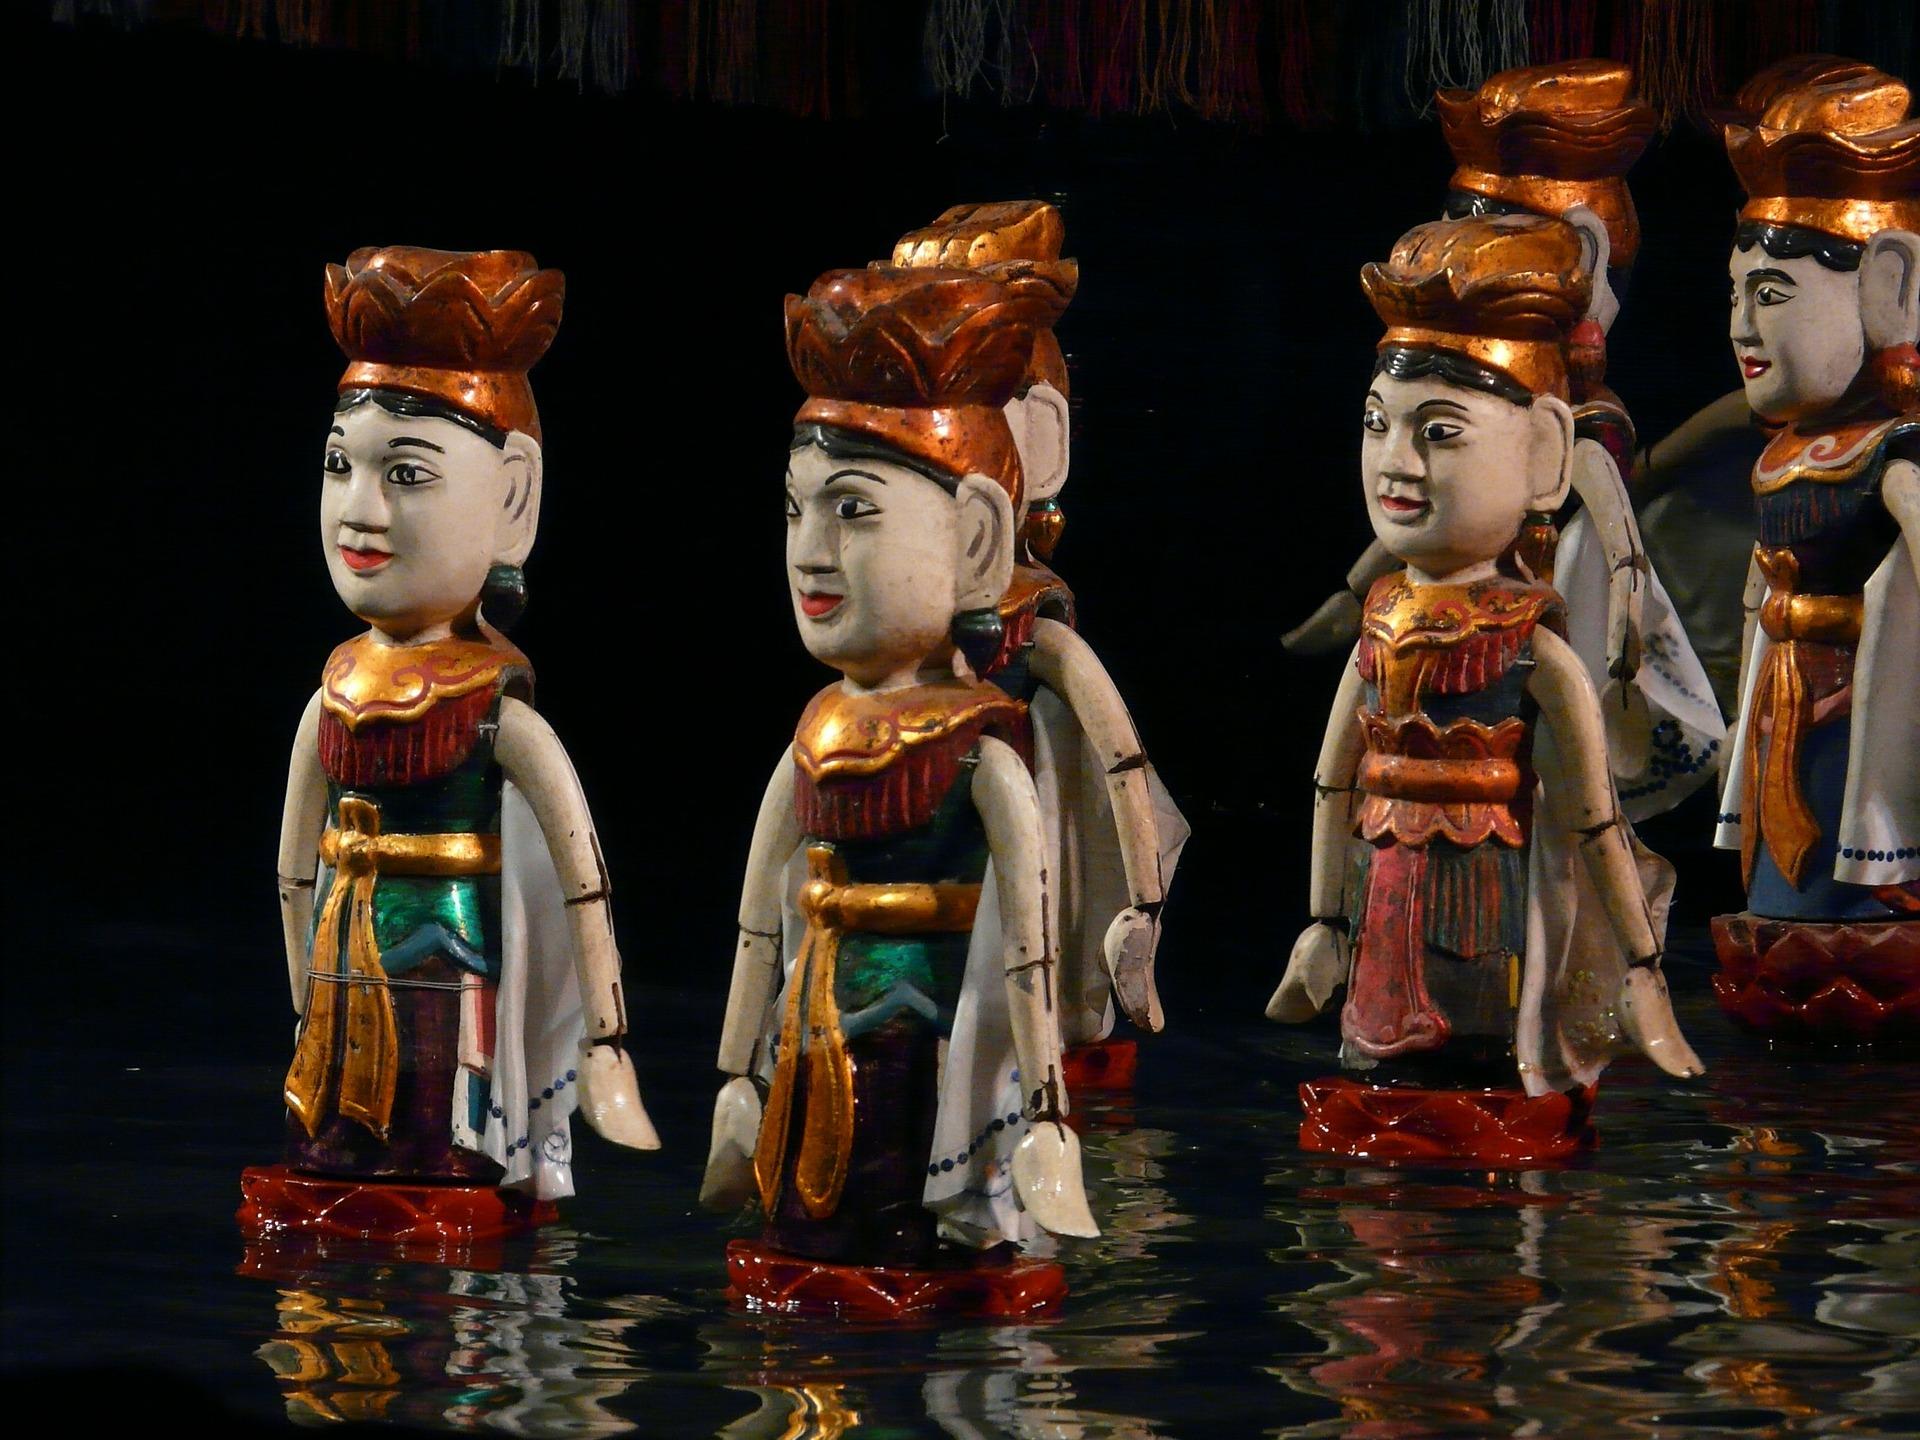 Spectacle des marionnettes sur l'eau - Voyage au Vietnam en famille